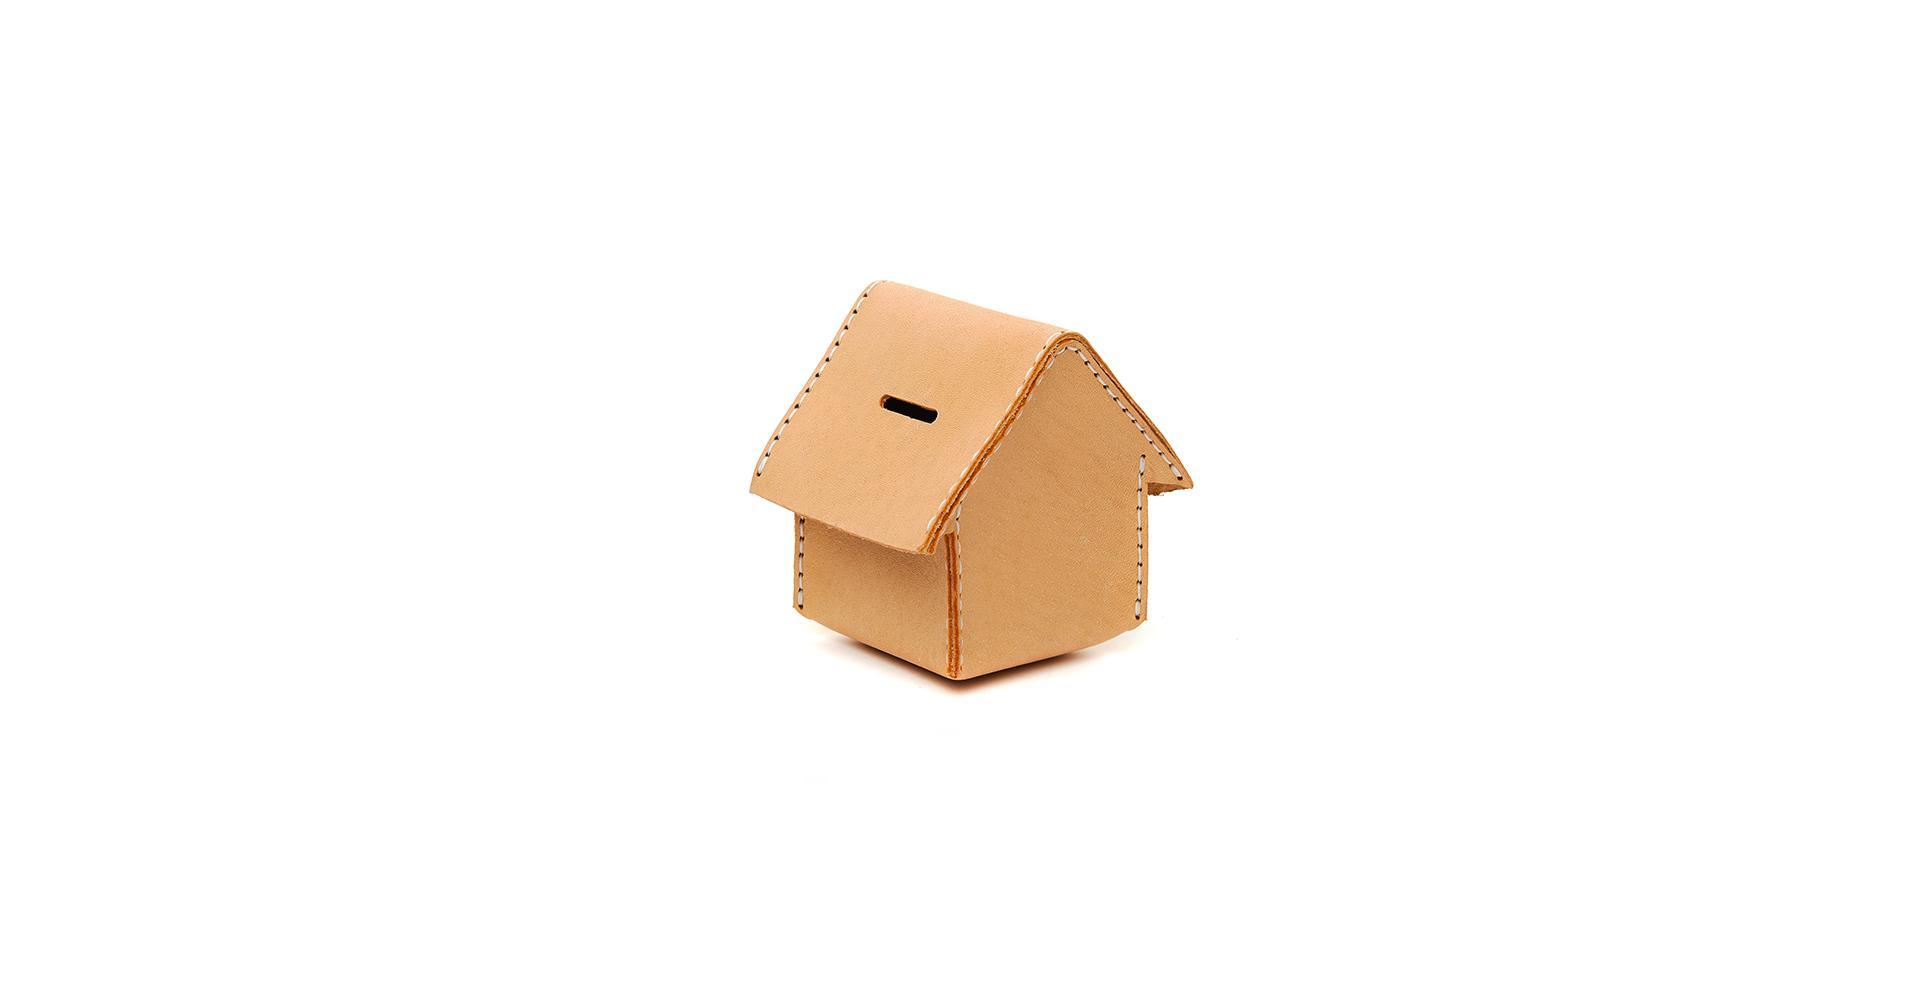 Hender Scheme Leather Home Moneybox